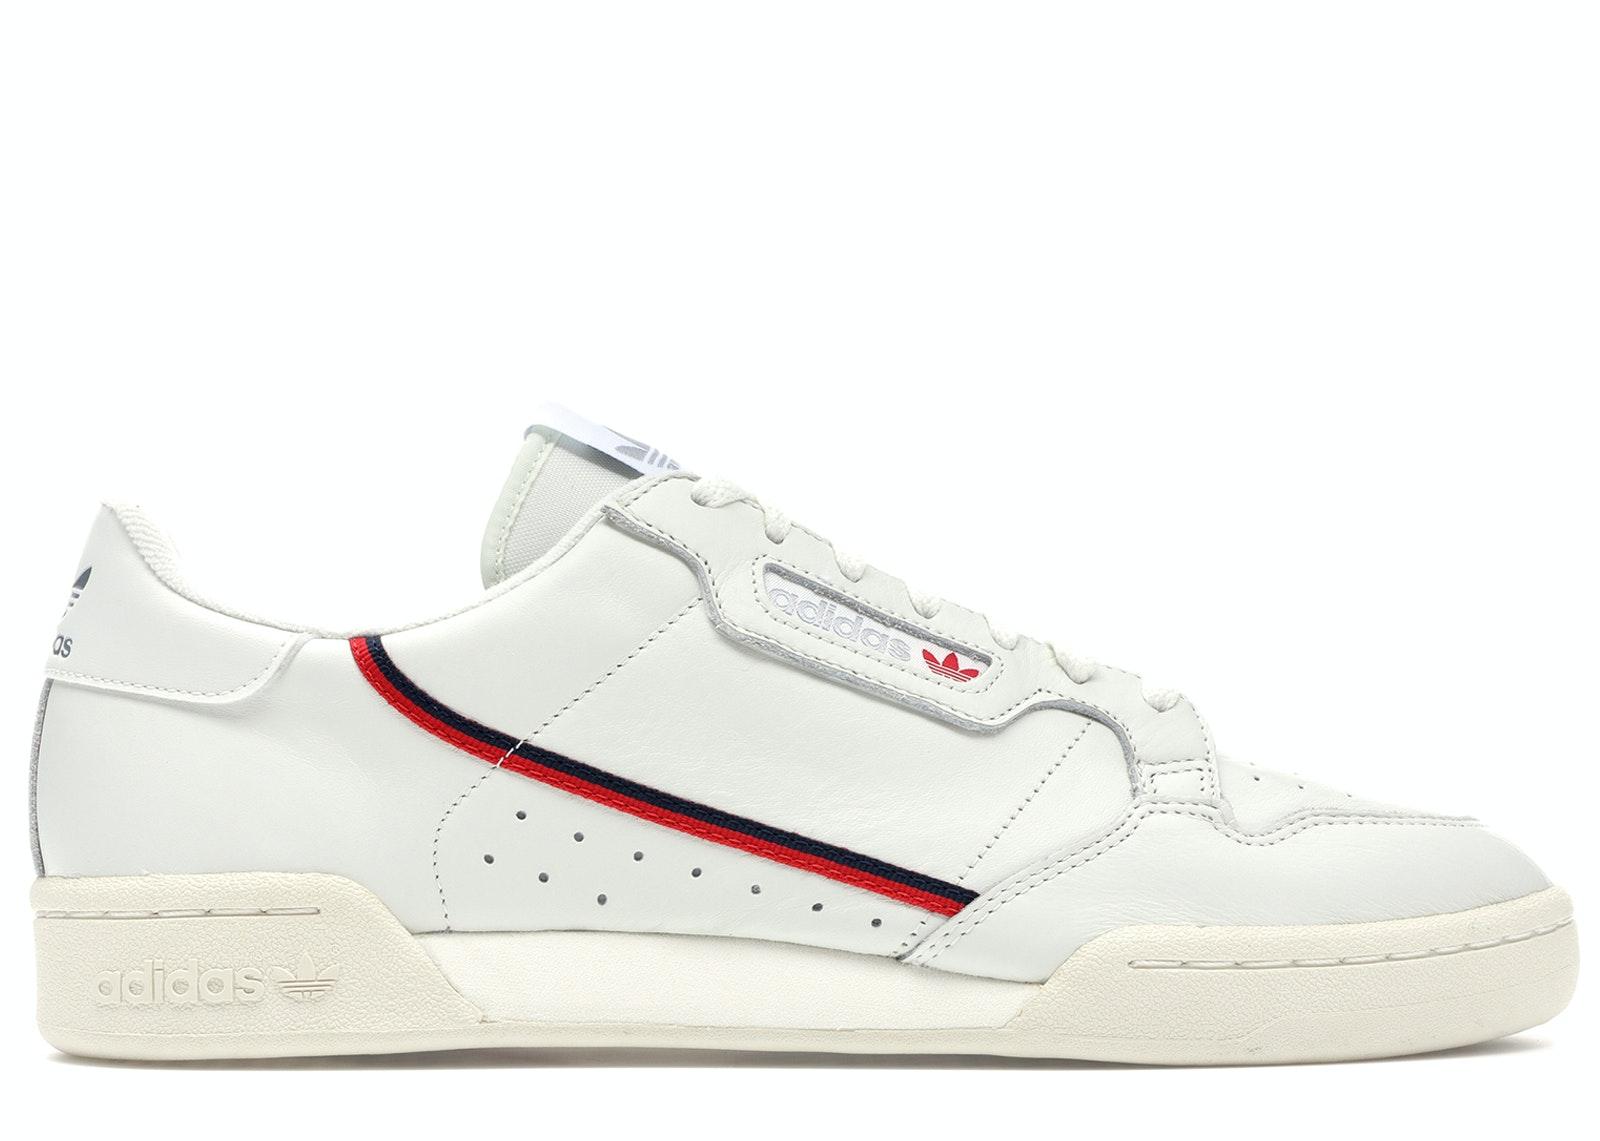 adidas Rascal White Tint